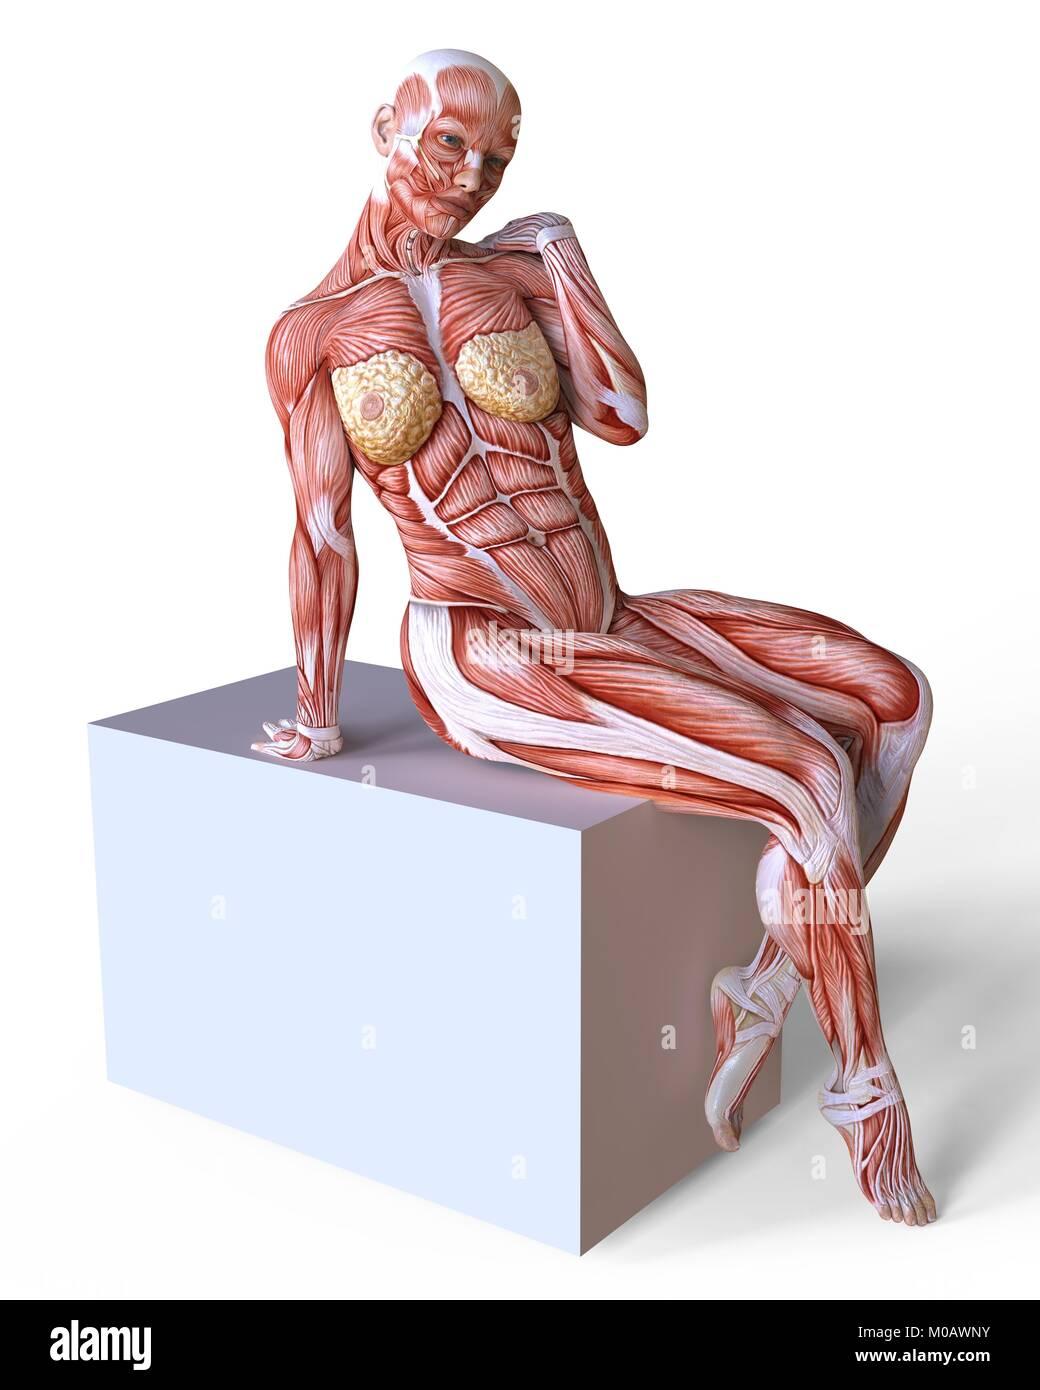 Tolle Bild Des Weiblichen Körpers Zeigt Organe Galerie - Menschliche ...